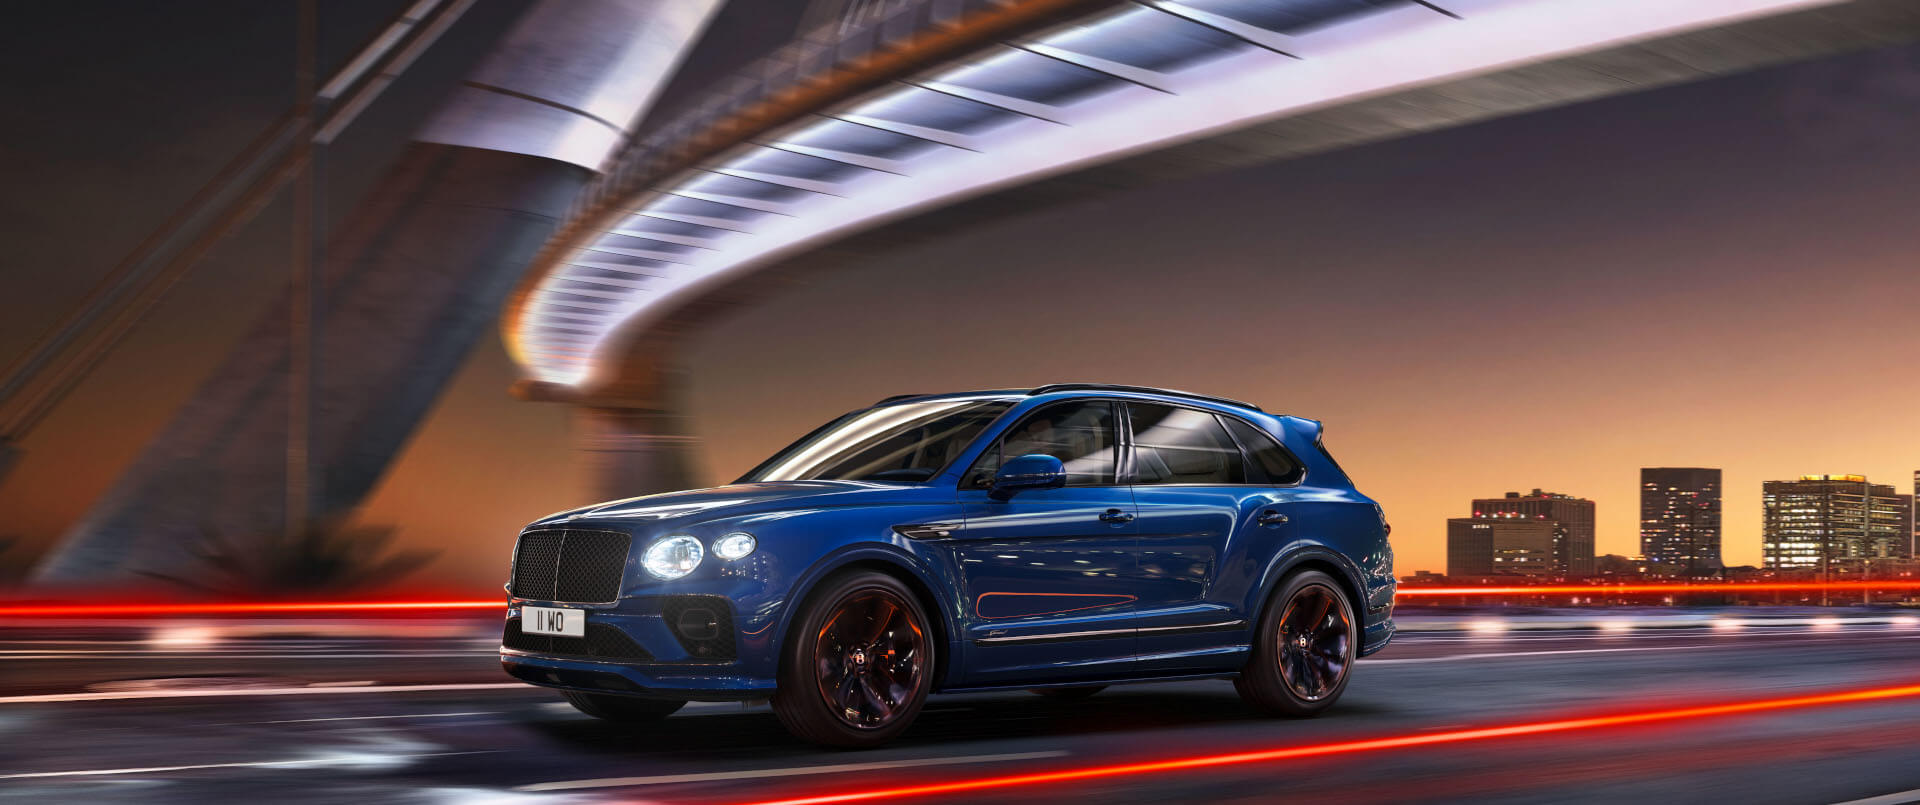 New Bentley Bentayga V8 New Bentayga Bentley Motors